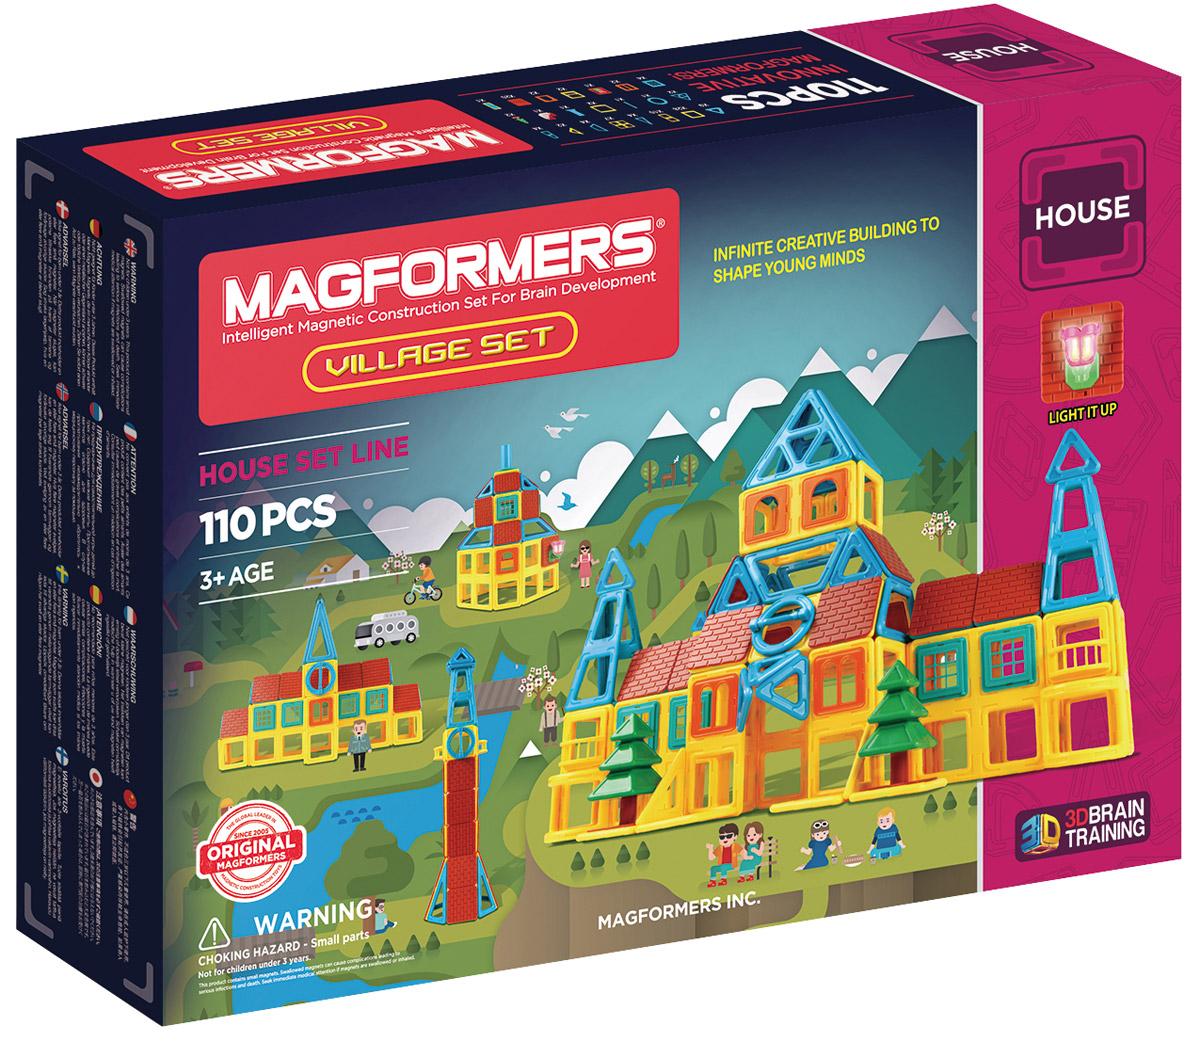 Magformers Магнитный конструктор Village Set705002C новым Magformers Village Set вы сможете построить целую деревню! Этот конструктор принадлежит к серии строительных наборов Магформерс, куда входят также Magformers Sweet House Set и Magformers Build Up Set. Для наборов серии характерны уникальные строительные аксессуары и дизайн элементов из непрозрачного пластика. Детали Magformers Village Set выполнены в теплой желто-голубой цветовой гамме. Помимо базовых геометрических элементов, в набор вошли различные строительные аксессуары: панели крыш и стен; двери; окна нескольких видов; нарядные балконы; две ели. А также уникальные элементы: дымовая труба; большая дверь; светящаяся лампа. Чтобы сделать постройки более сложными и разнообразными, в наборе представлены суперквадраты, разные виды треугольников, полуарки и абсолютно новая деталь — круг, который пригодится при постройке часовой башни или для окна мансарды. Помимо разнообразных строительных аксессуаров, в набор Magformers Village Set включены базовые элементы Магформерс,...